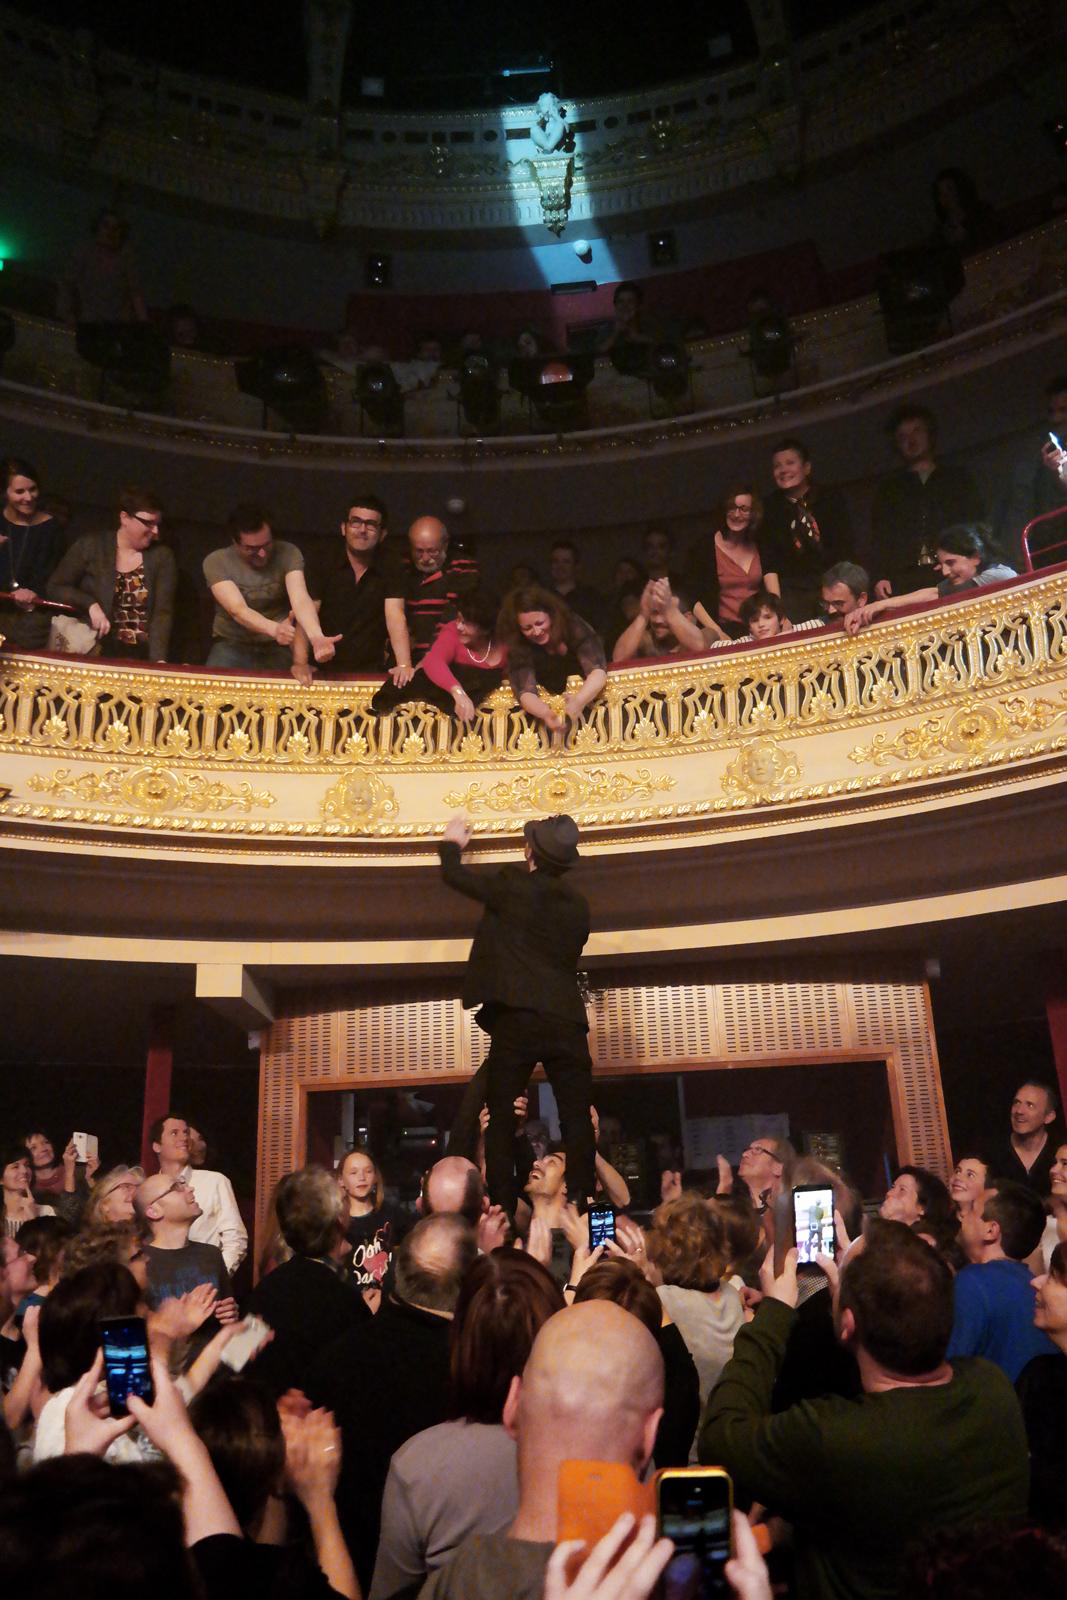 Dionysos groupe Mathias Malzieu live concert Printemps de Bourges 2016 festival musique tournée vampire en pyjama photo balcon scène usofparis blog